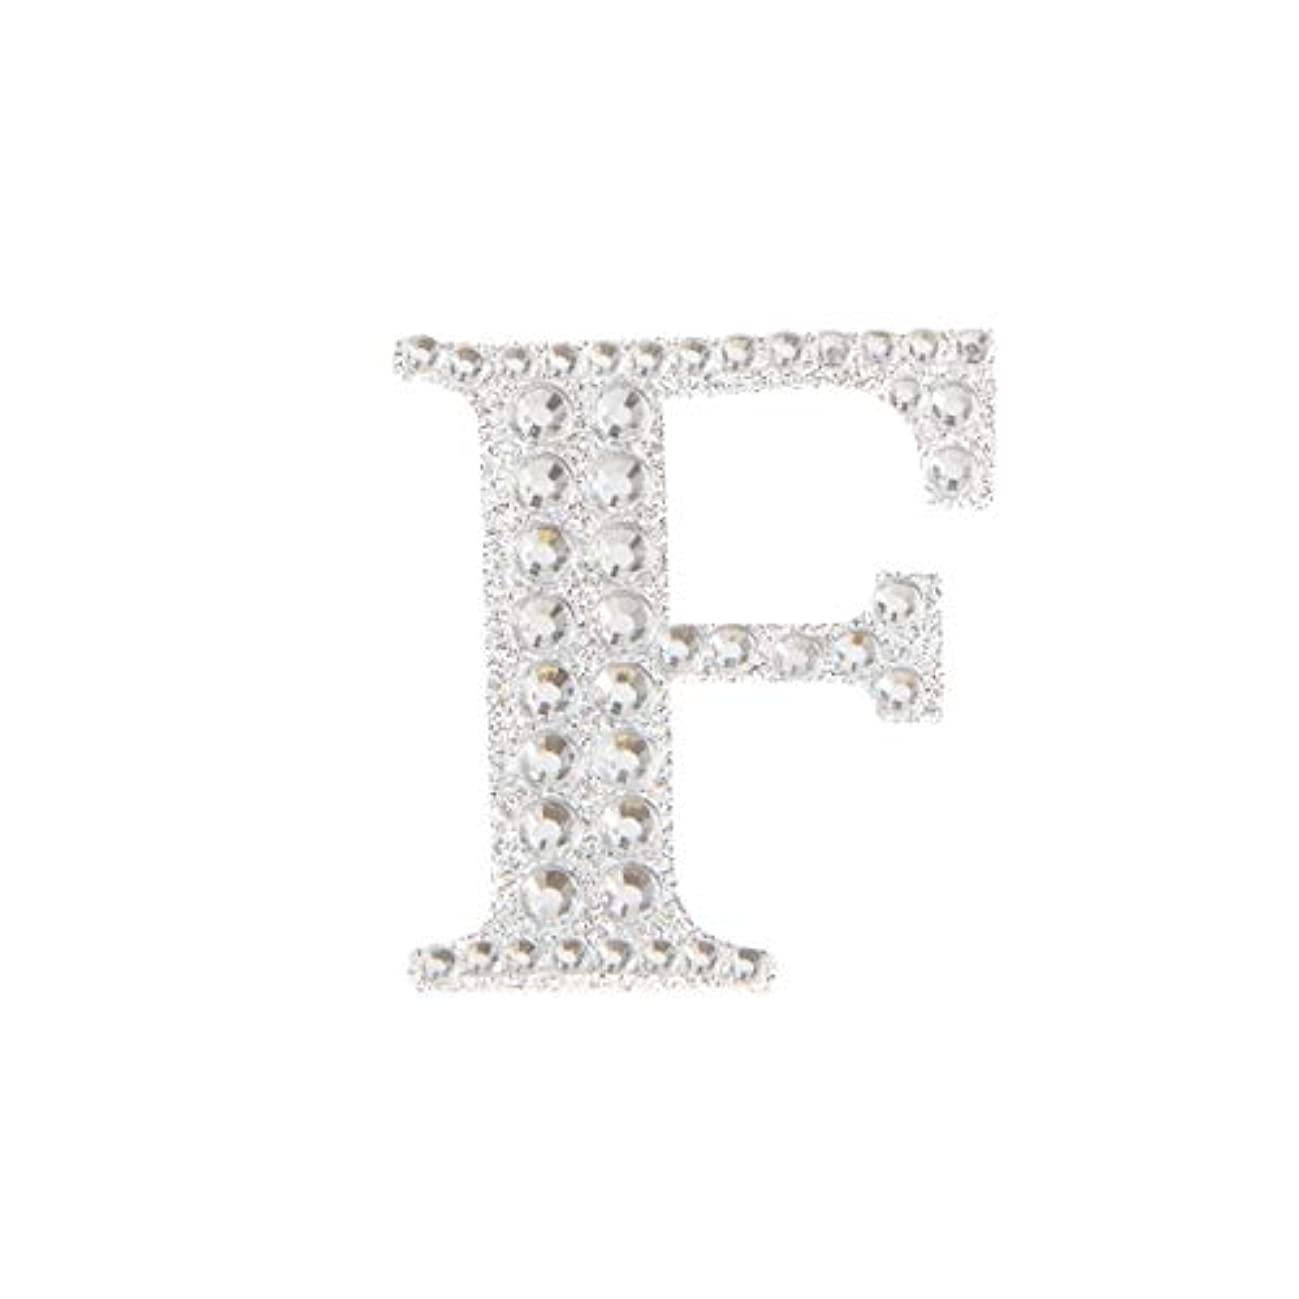 Darice 30053480 Silver Bling Monogram Letter F Sticker,